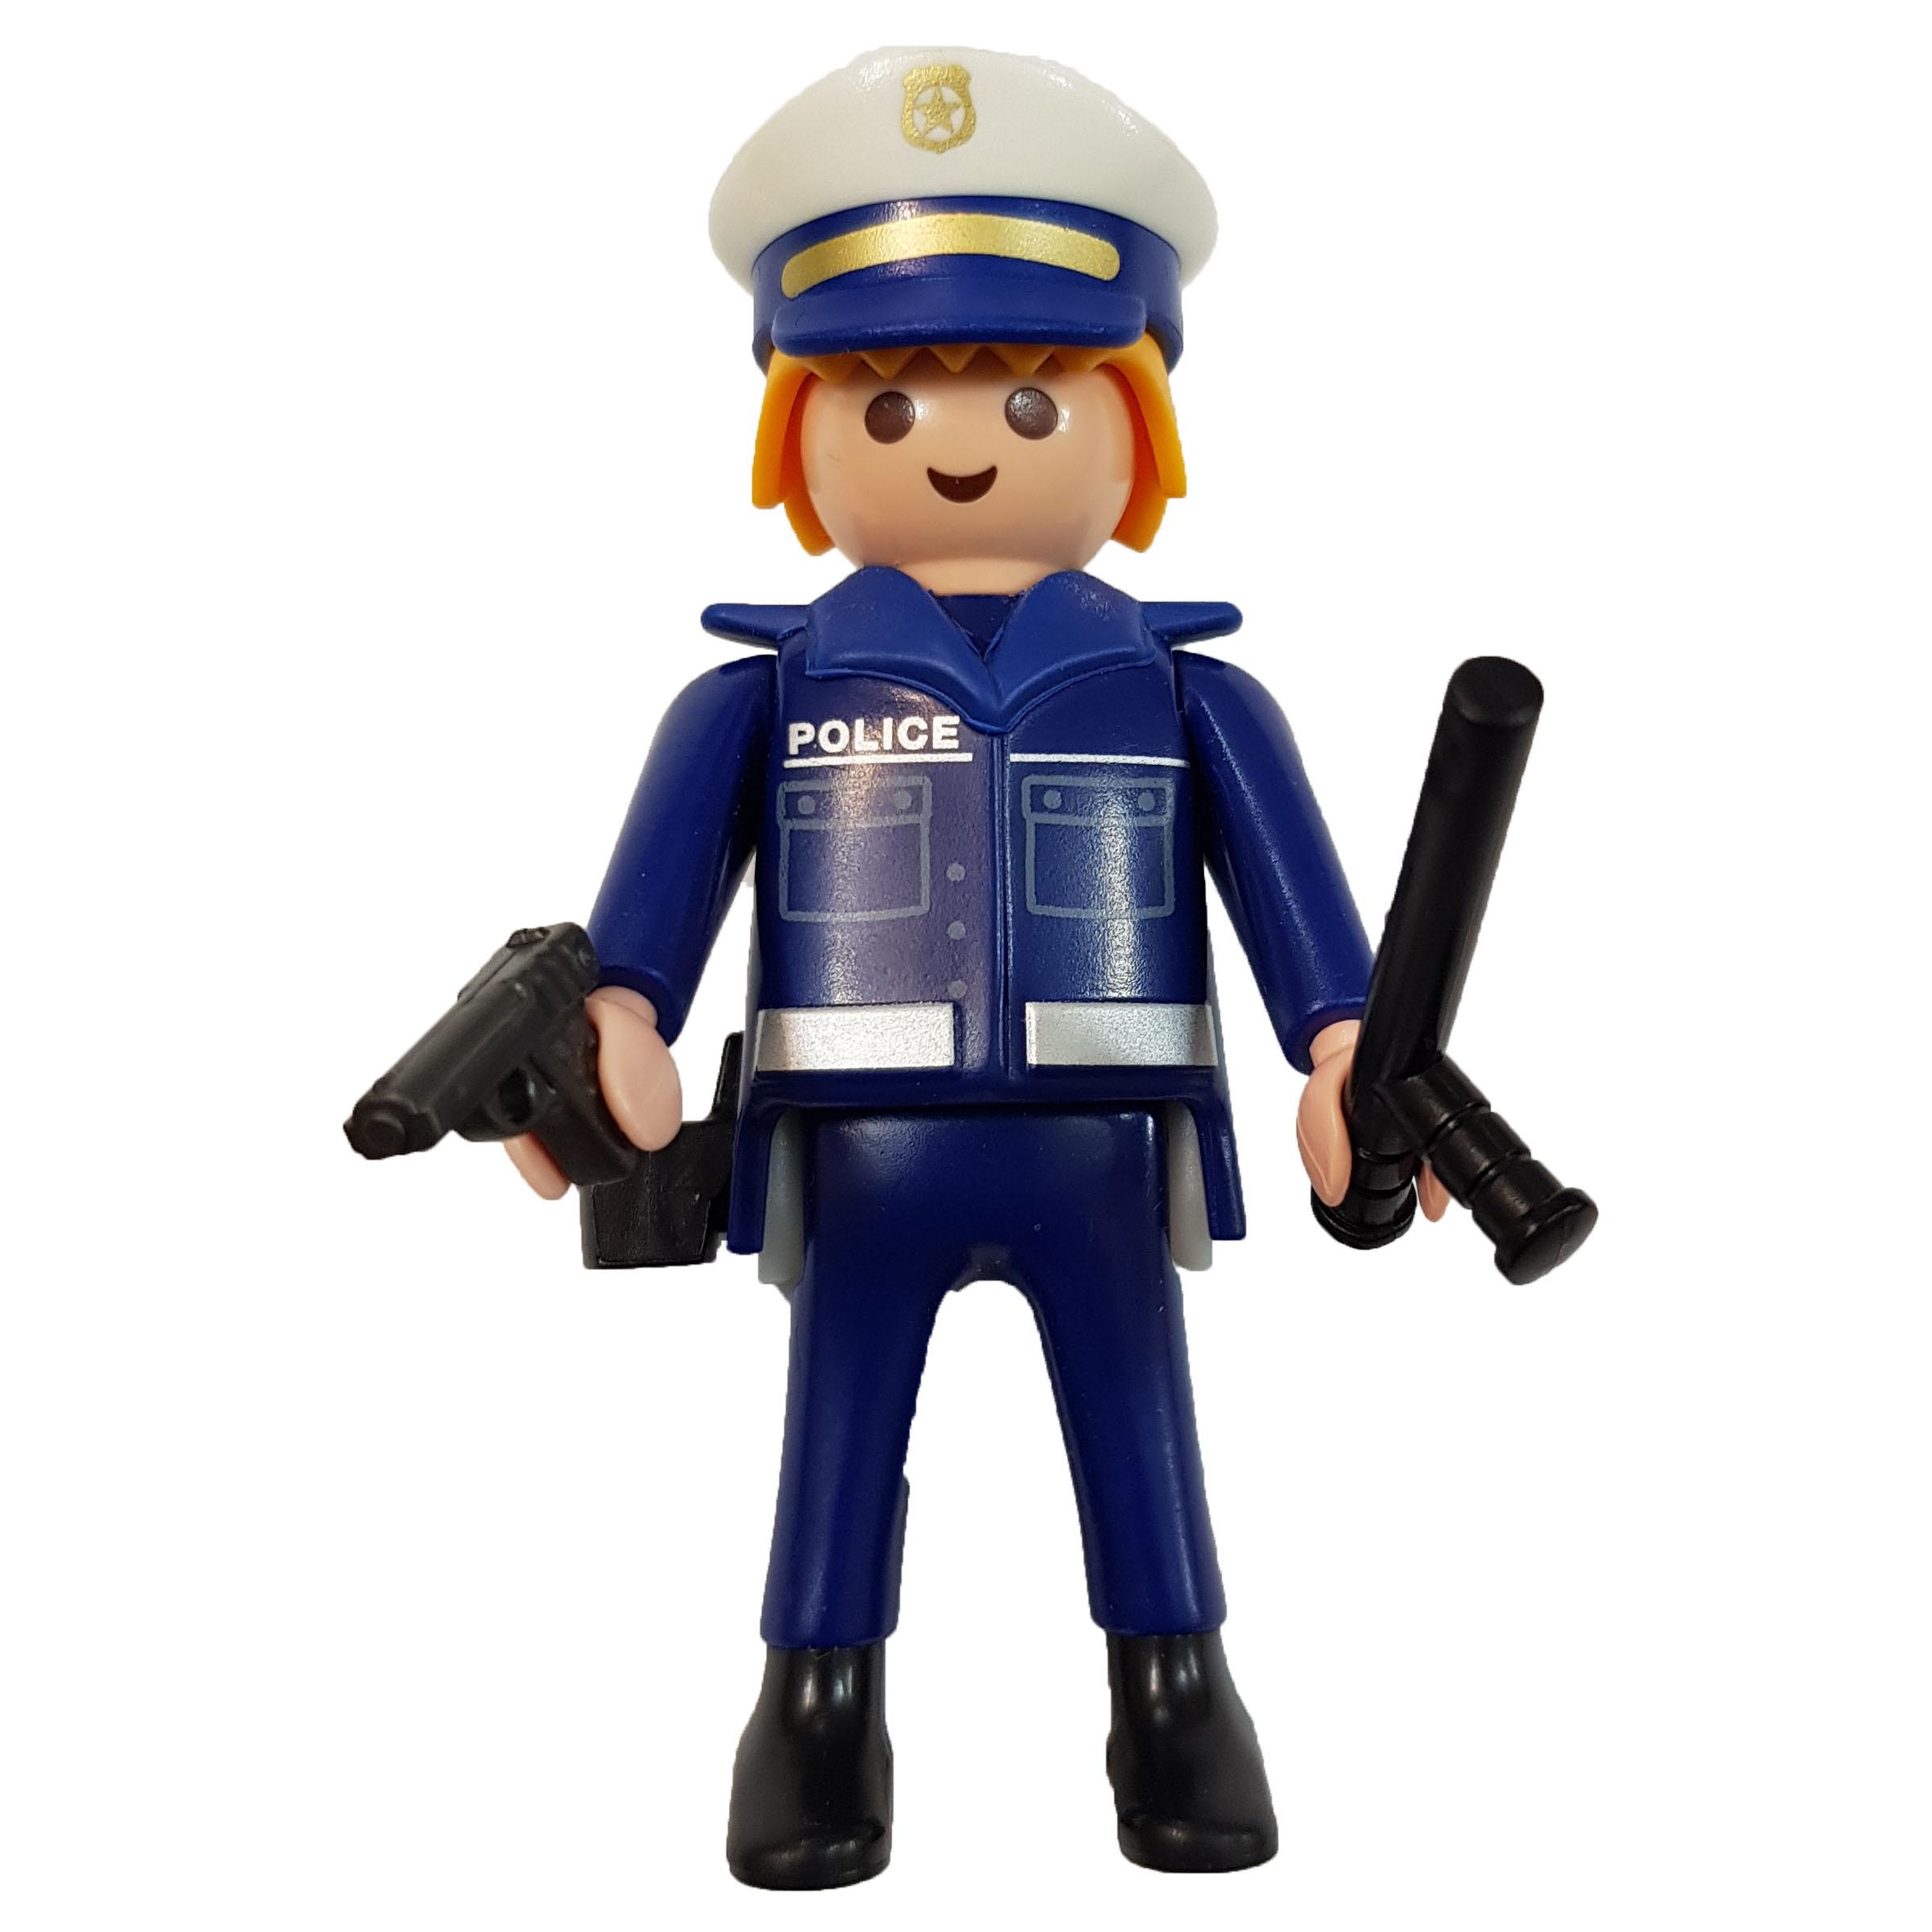 ساختنی پلی موبیل مدل پلیس راهنمایی رانندگی